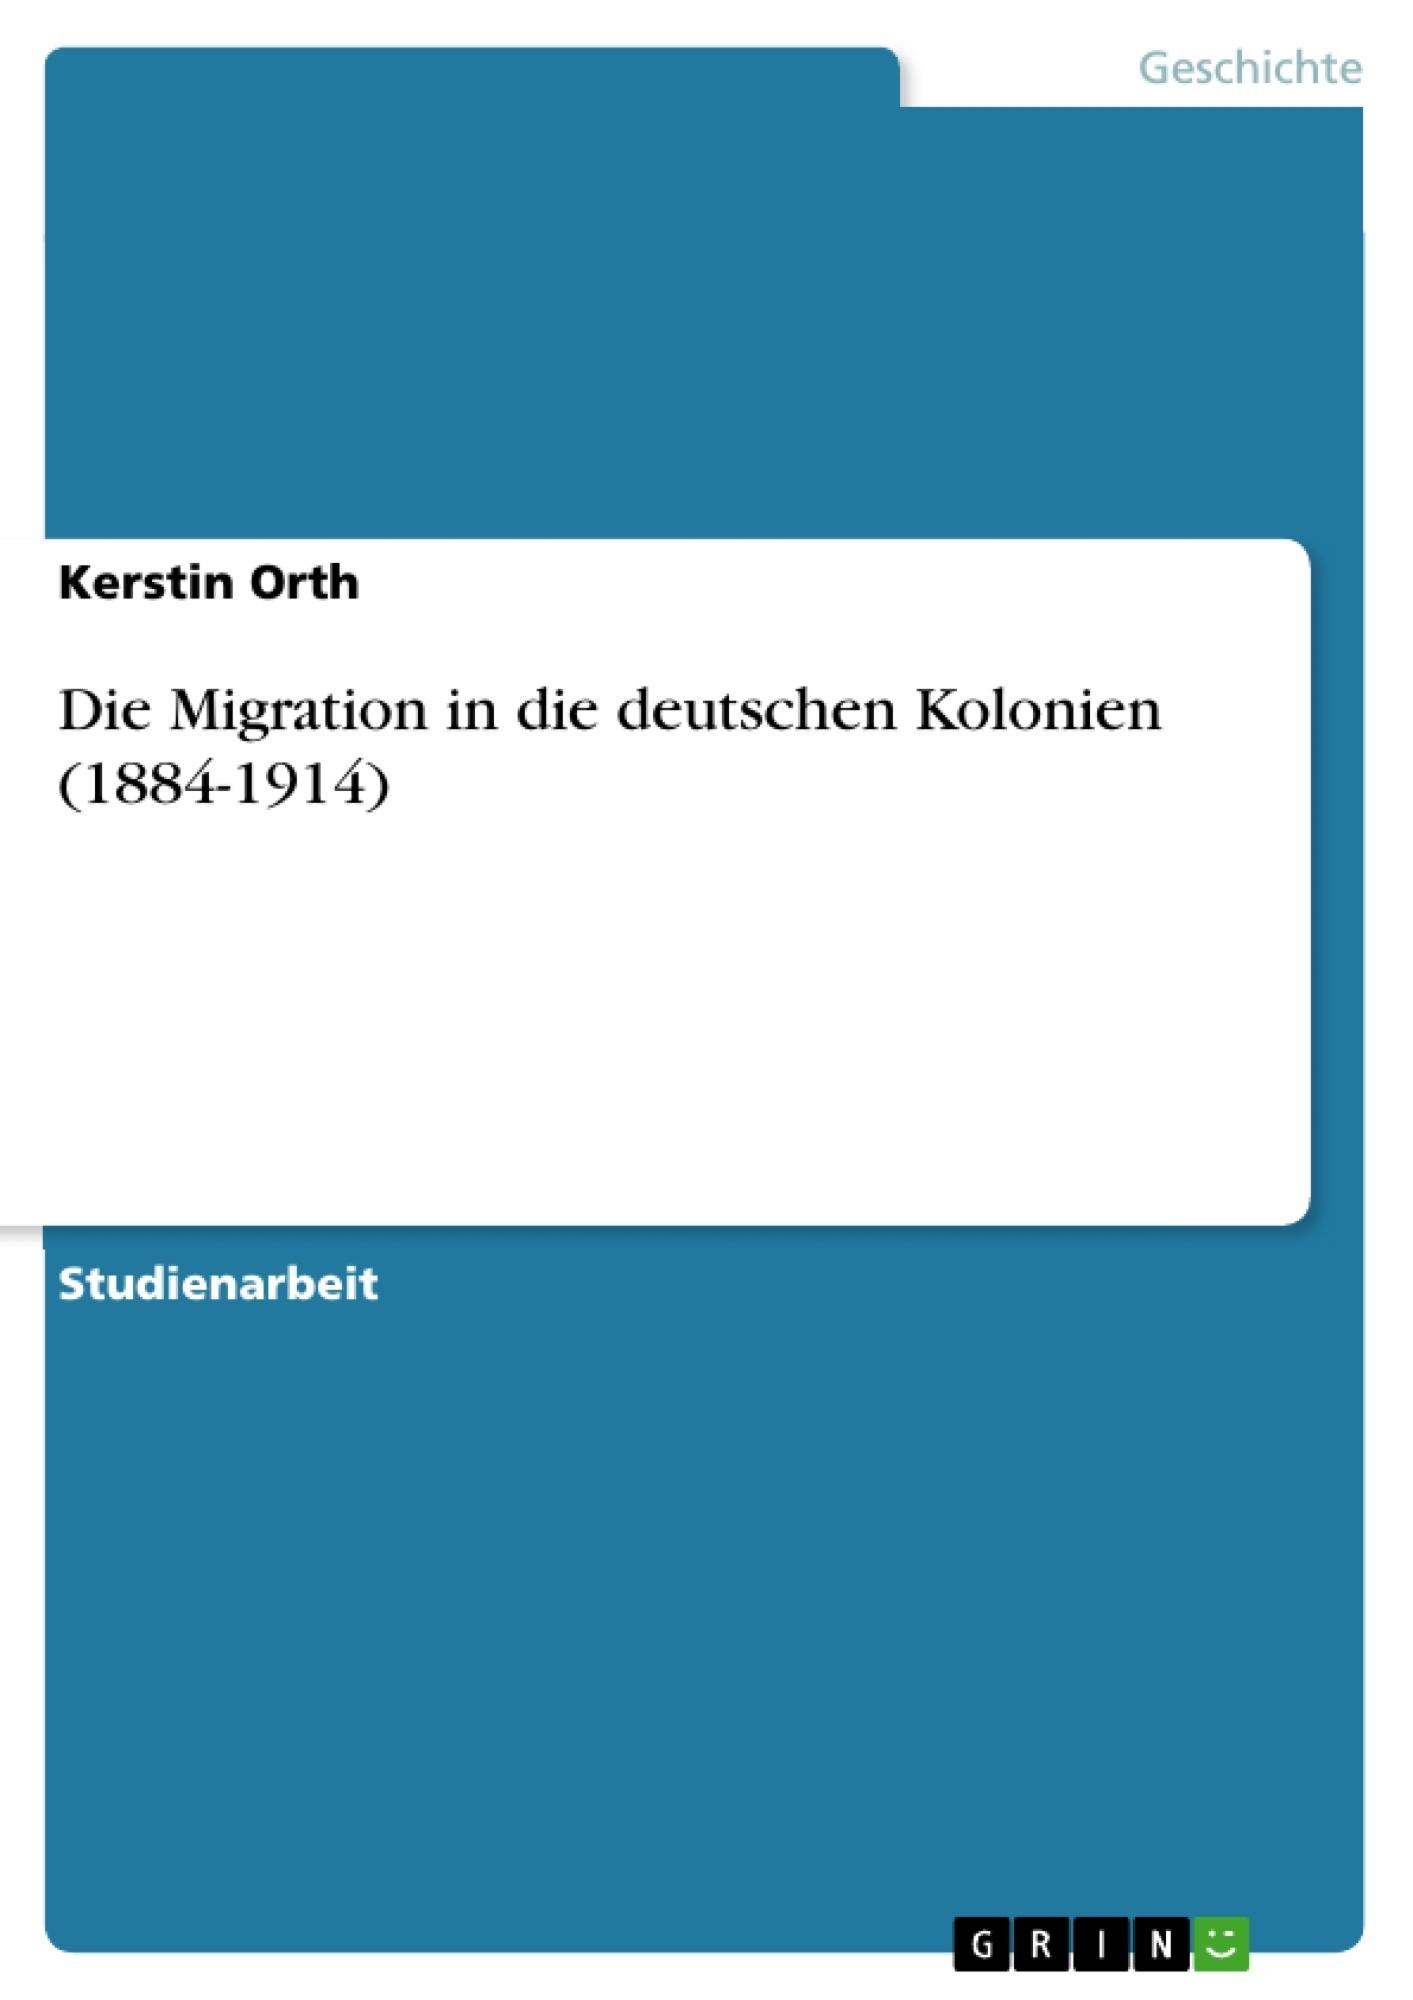 Titel: Die Migration in die deutschen Kolonien (1884-1914)